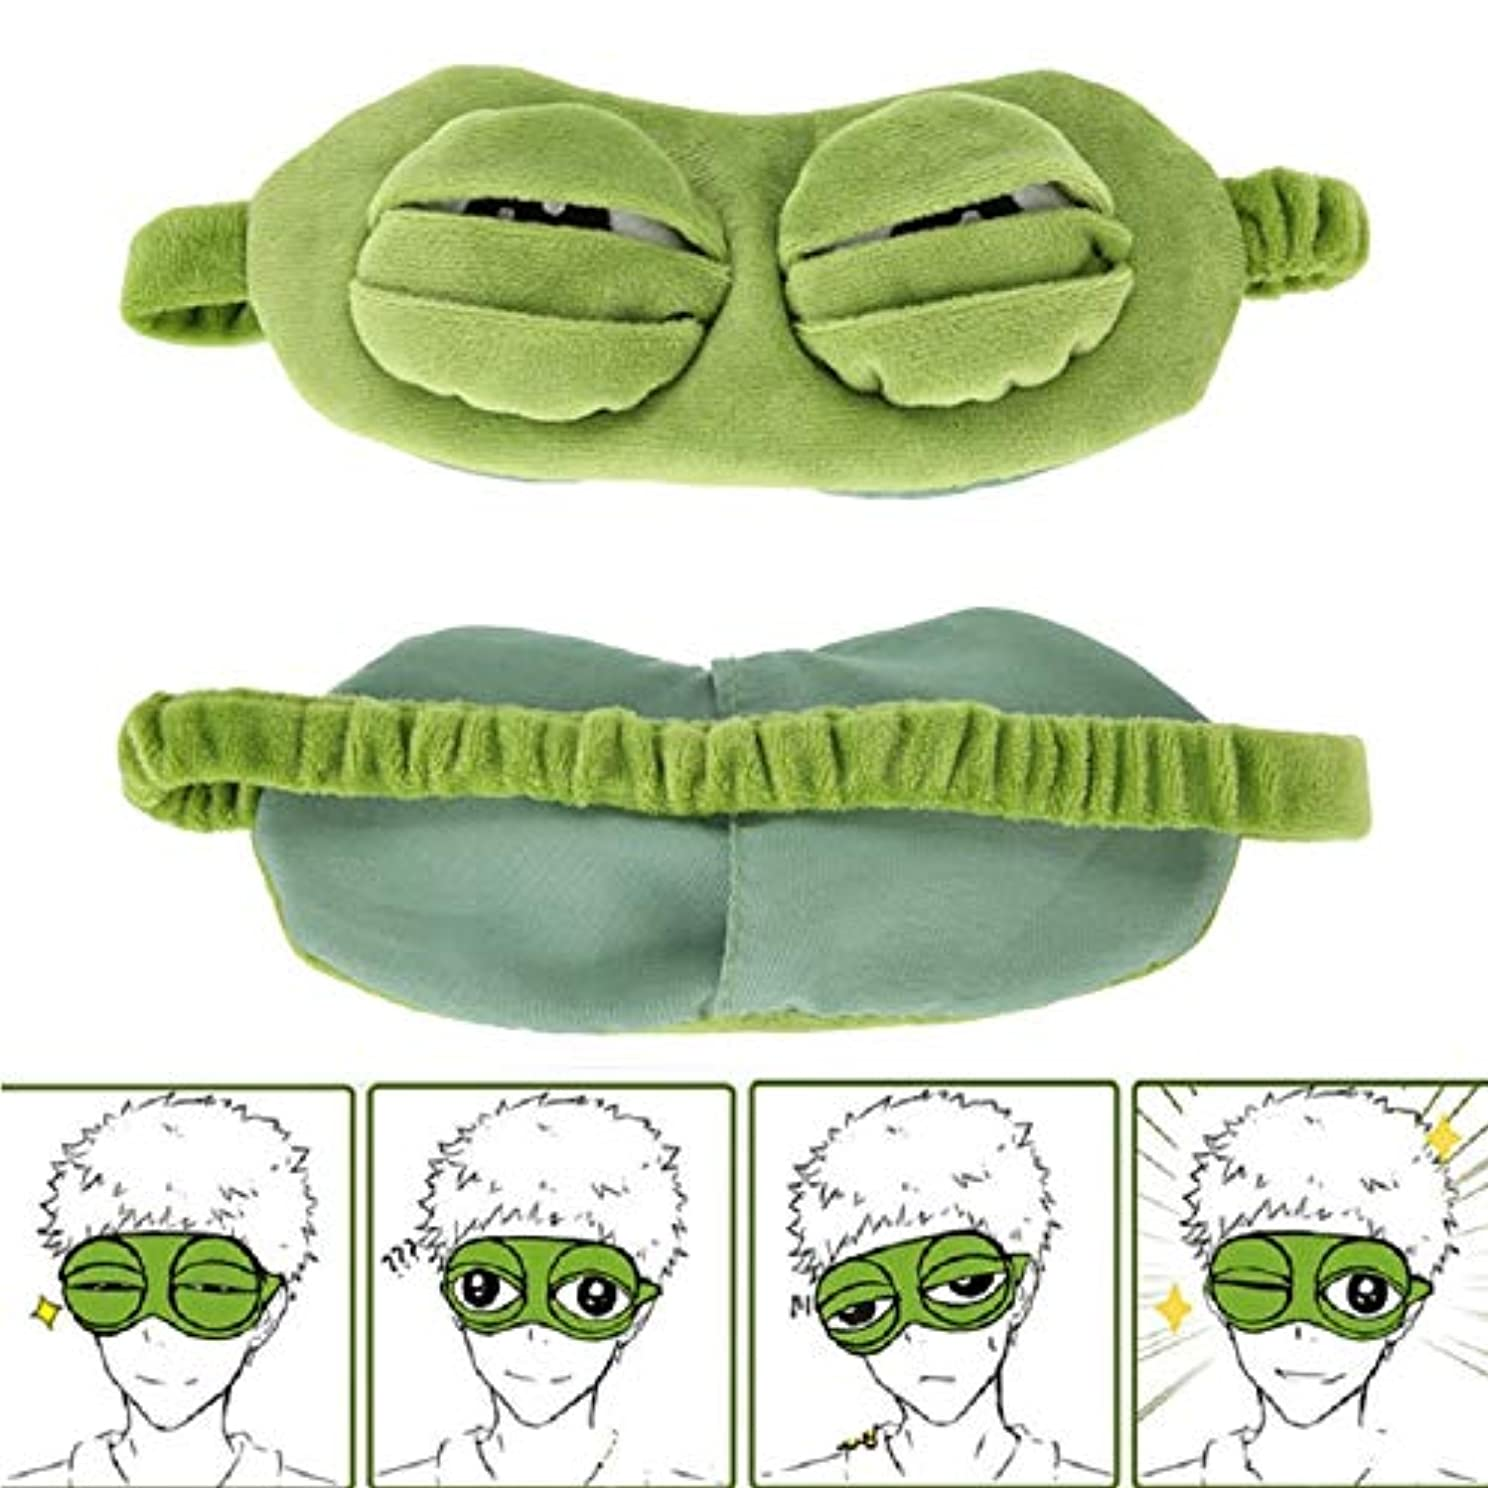 寂しいコロニー軍艦NOTE かわいい目のマスクカバーぬいぐるみ悲しい3Dカエルグリーンアイマスクカバーリラックス眠って休息旅行睡眠アニメ面白いギフト美容ゴーグル